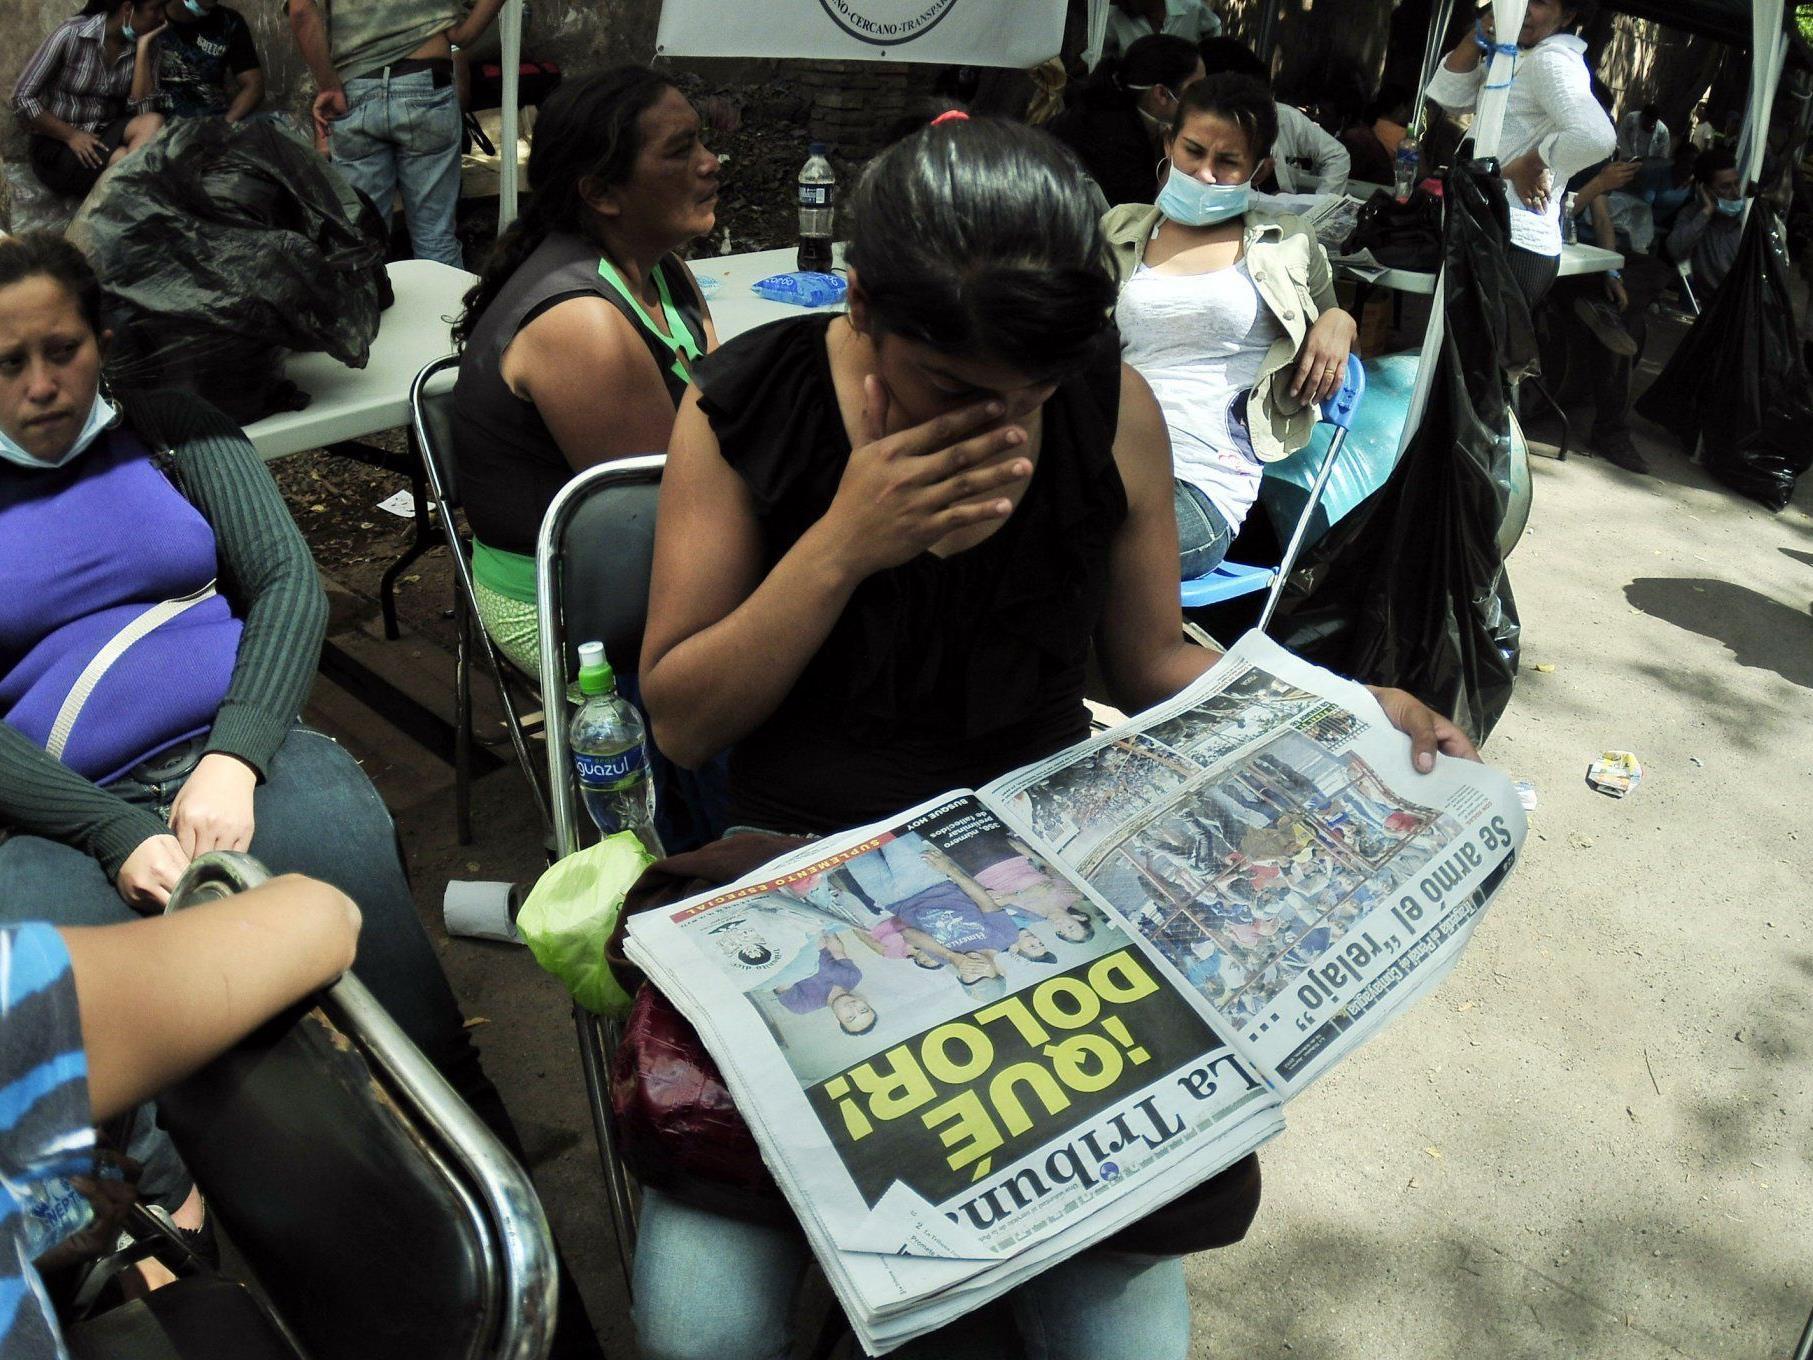 Bei dem Großbrand in einem Gefängnis von Honduras kamen Angaben zufolge 355 Menschen ums Leben.